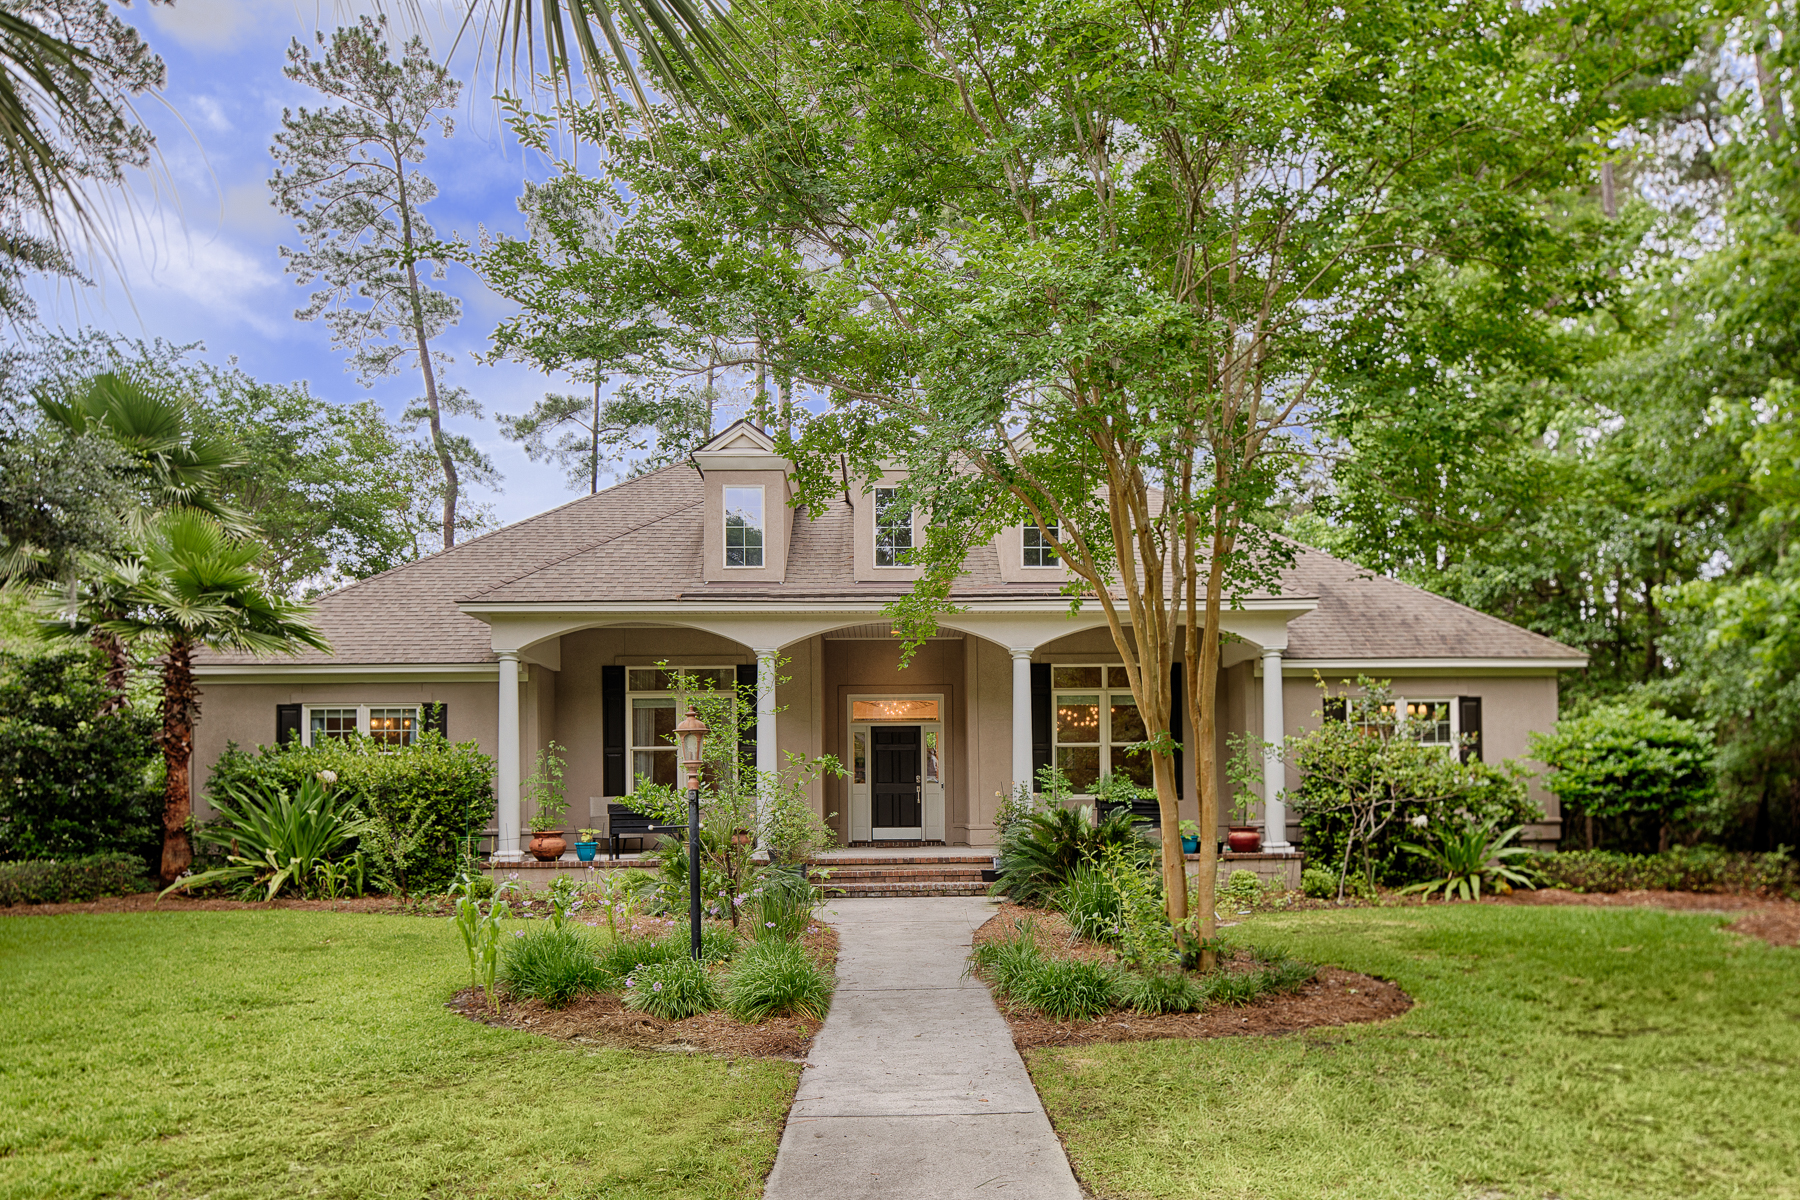 一戸建て のために 売買 アット 102 Hedge Nettle Lane Savannah, ジョージア, 31406 アメリカ合衆国